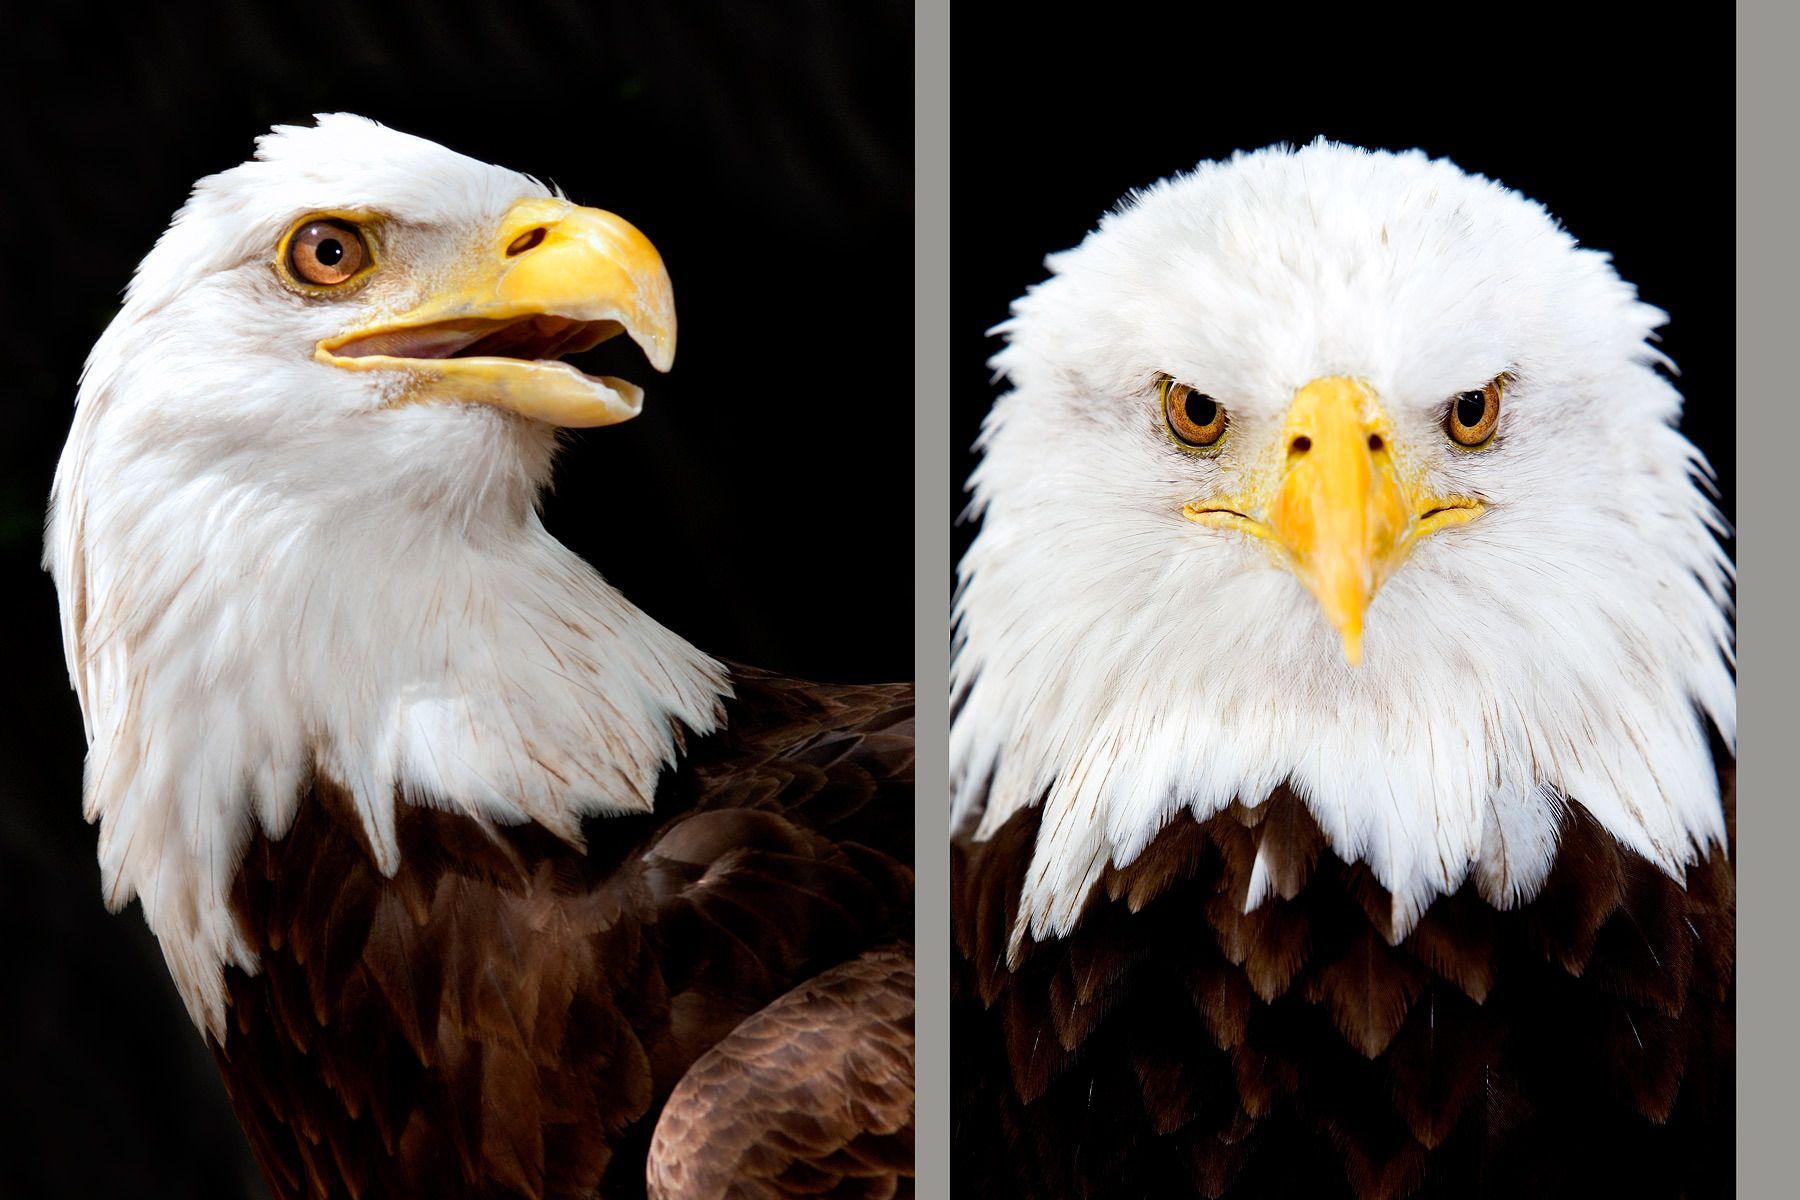 1raptors_birds_of_prey005.jpg